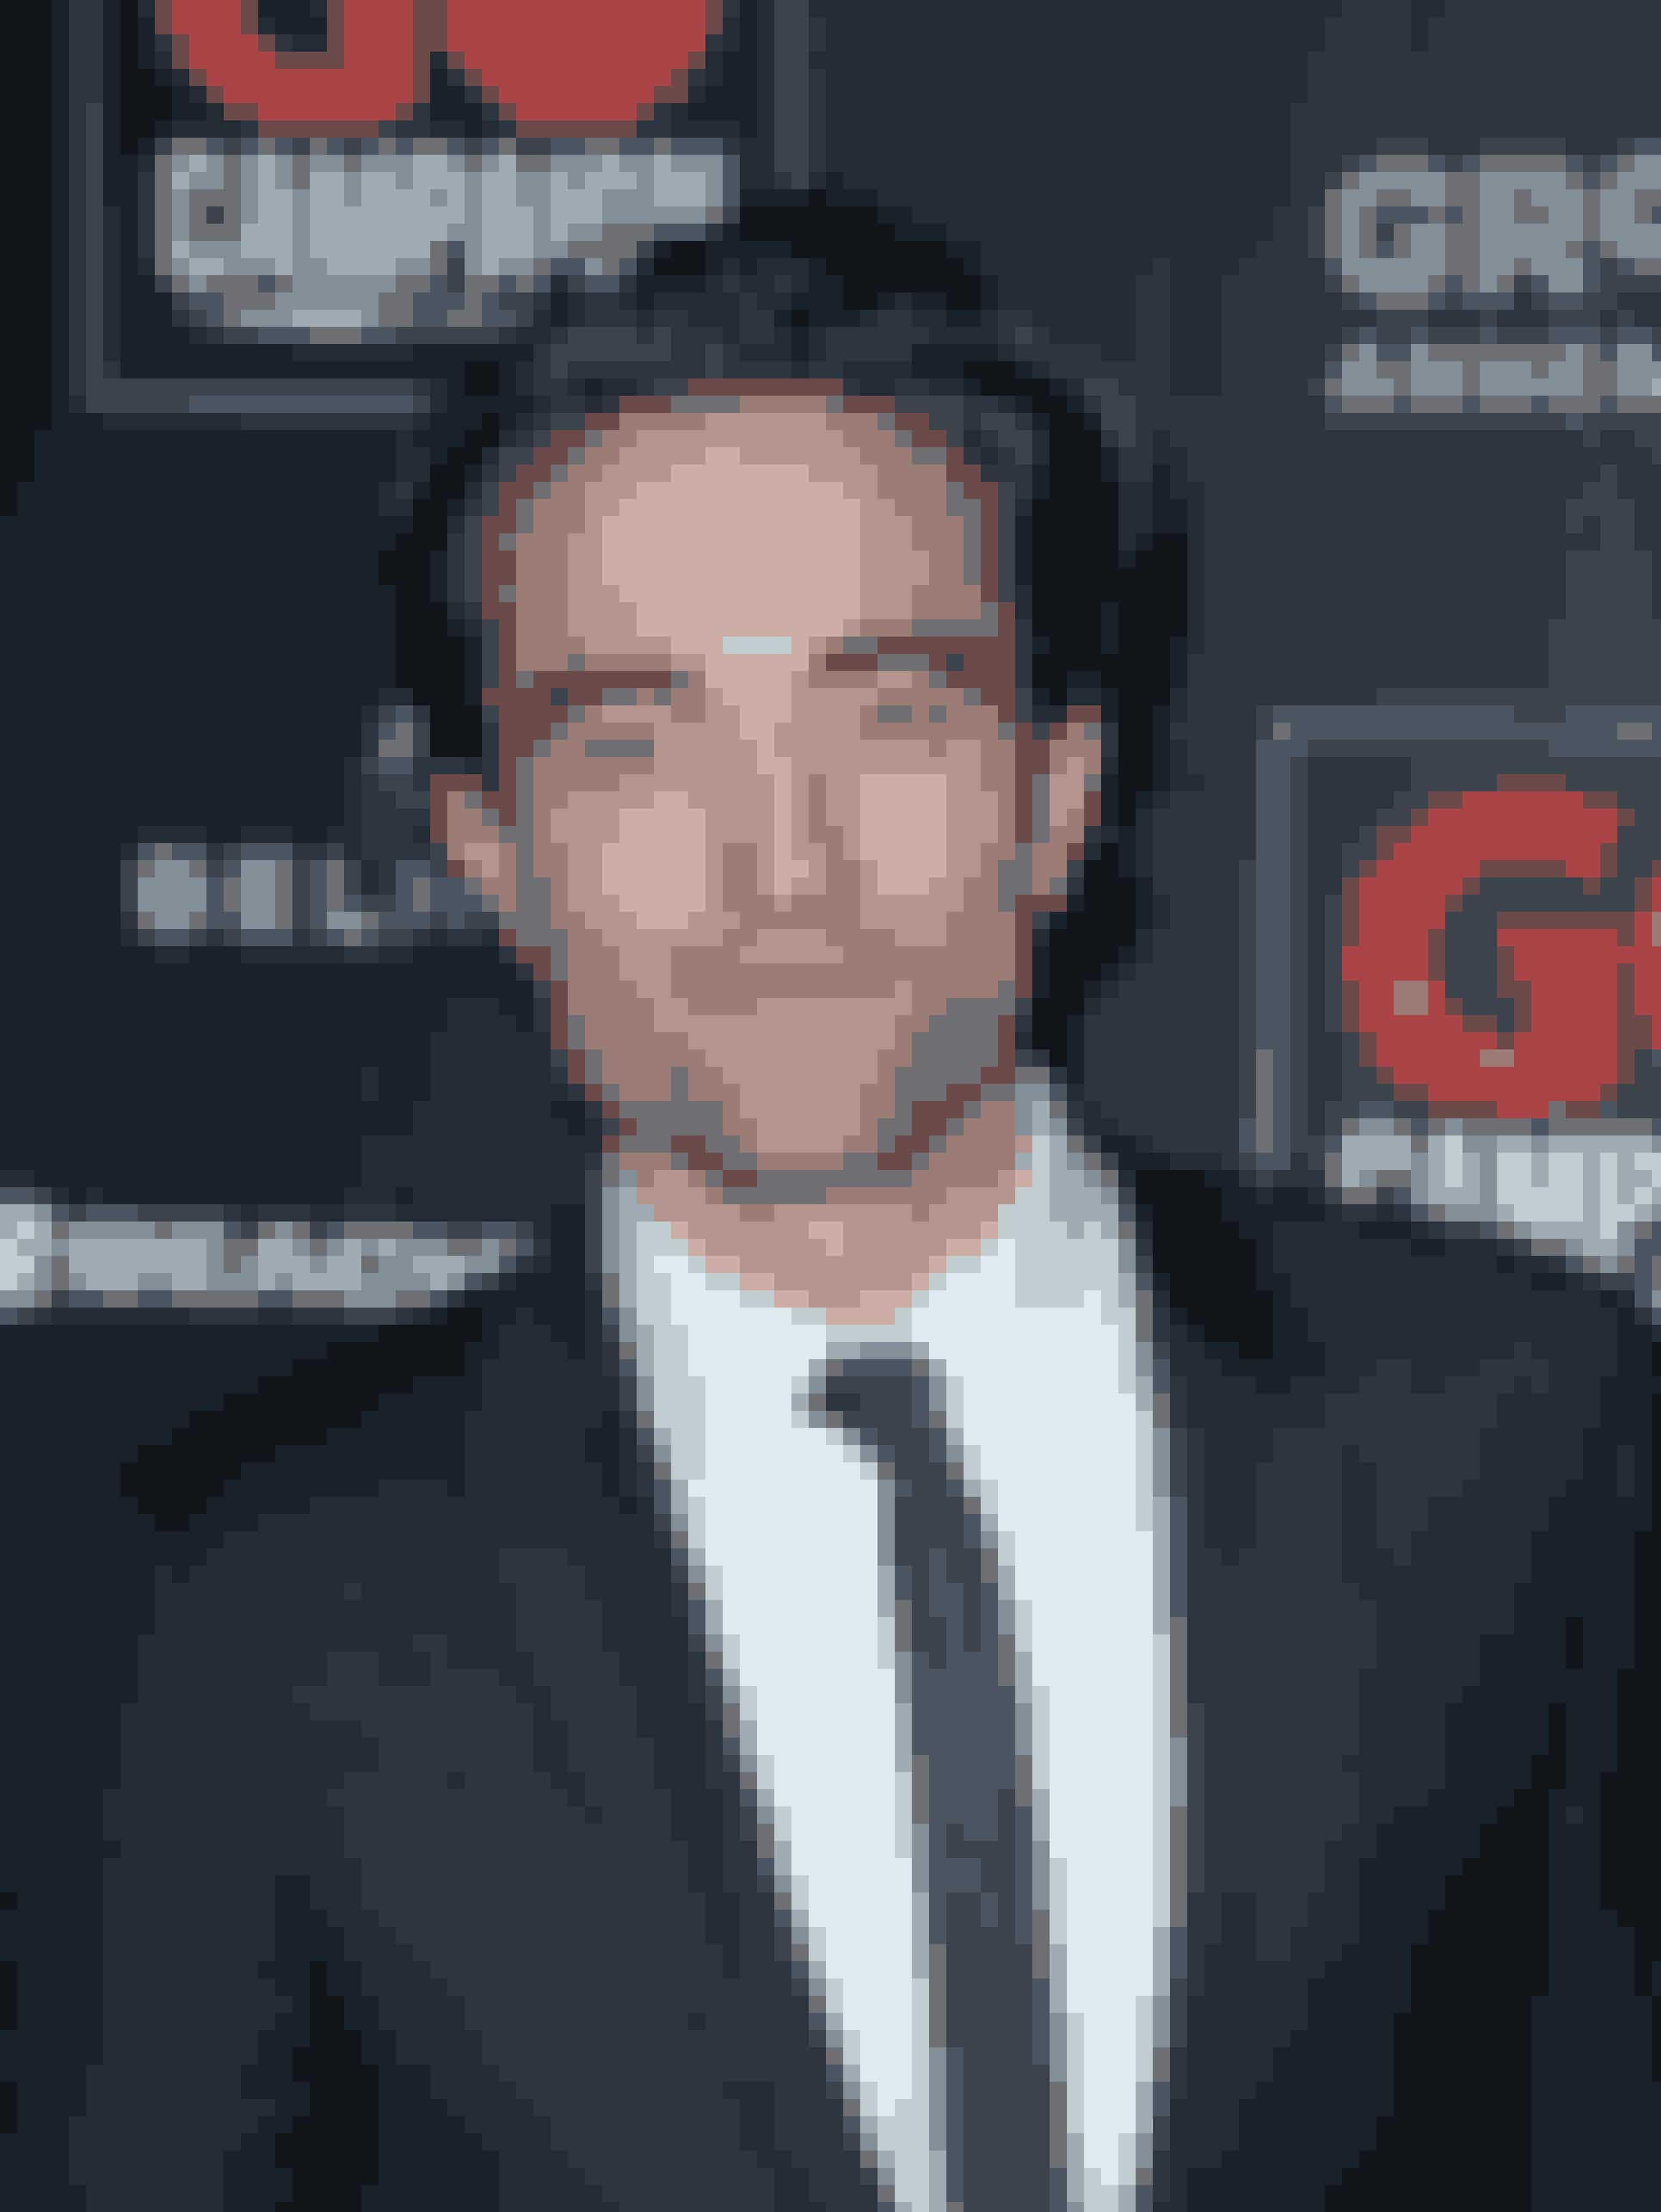 """Robert Pattinson: Man bliver hele tiden forstyrret""""Twilight""""-stjernen har fortalt Premiere, at når han ankommer et sted i Los Angeles, går der cirka 40 sekunder, før nogen spørger, om han vil skrive en autograf. Ifølge Robert er det de sociale medier, som gør det alt for nemt for fans at finde ud af, hvor han er. Han sagde også, at hvis Twitter ikke eksisterede, så kunne han gå rundt i fred."""